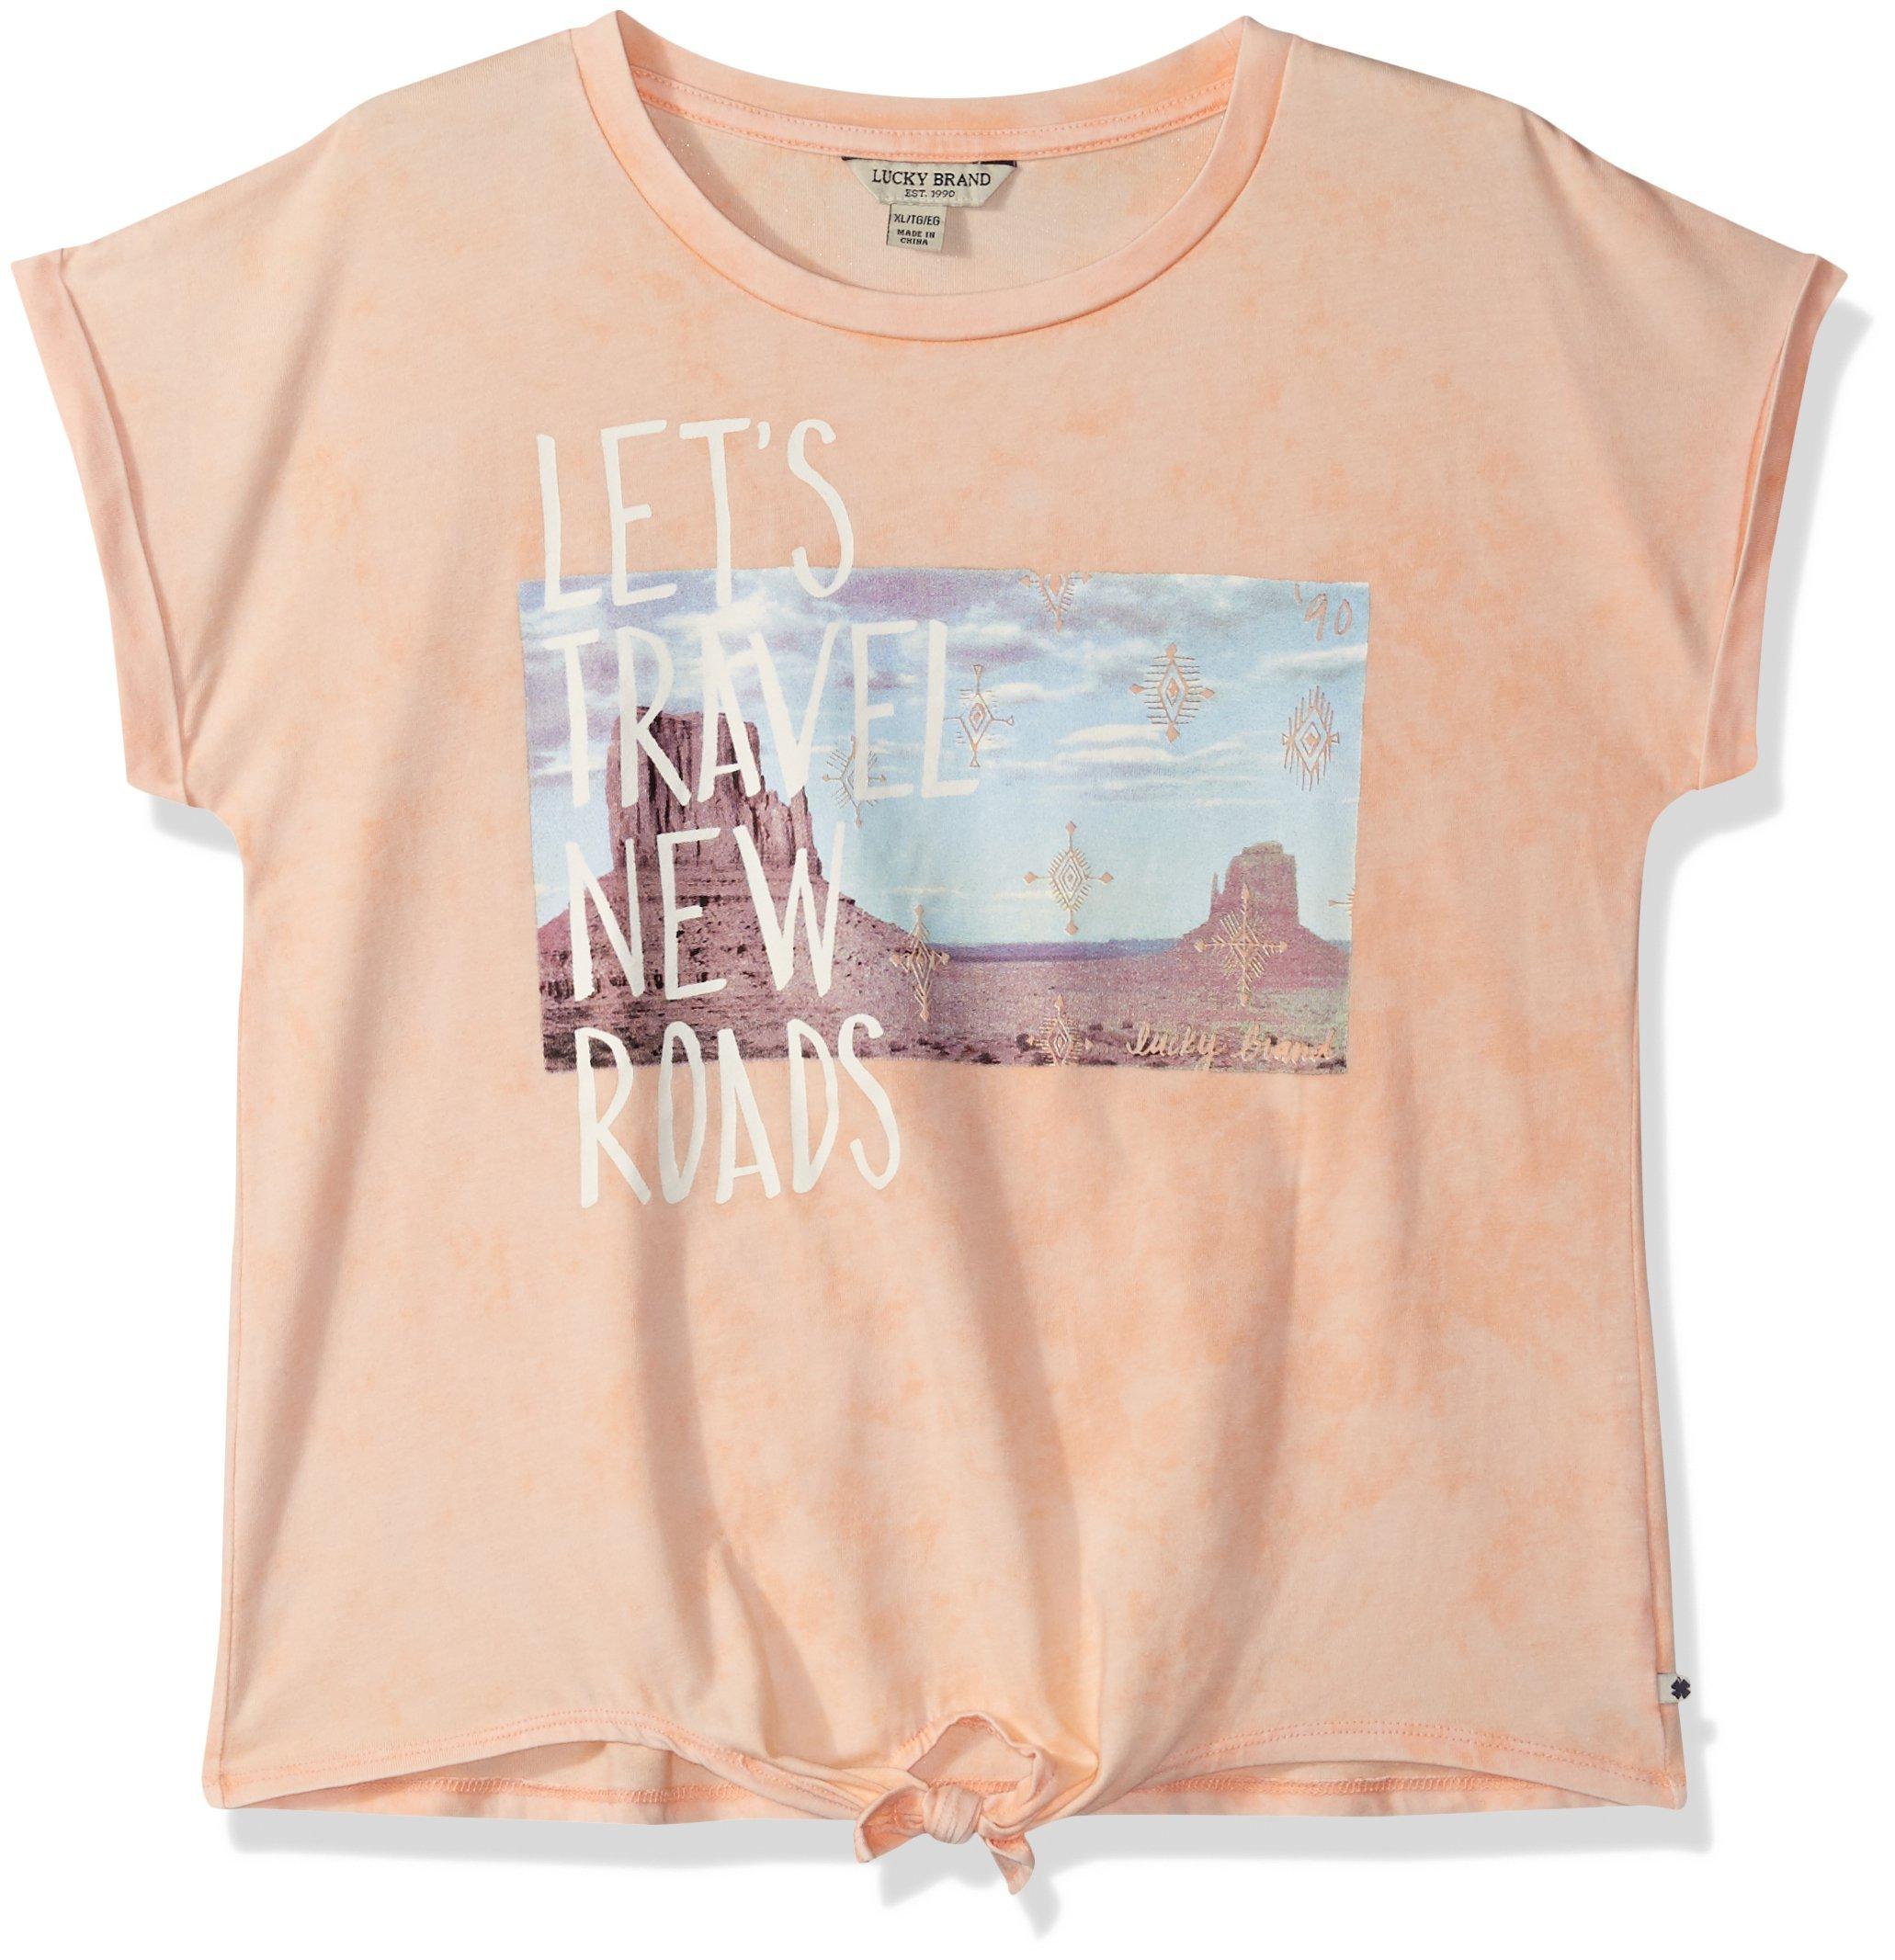 Lucky Brand Big Girls' Fashion Top, Jacinda Salmon, Large